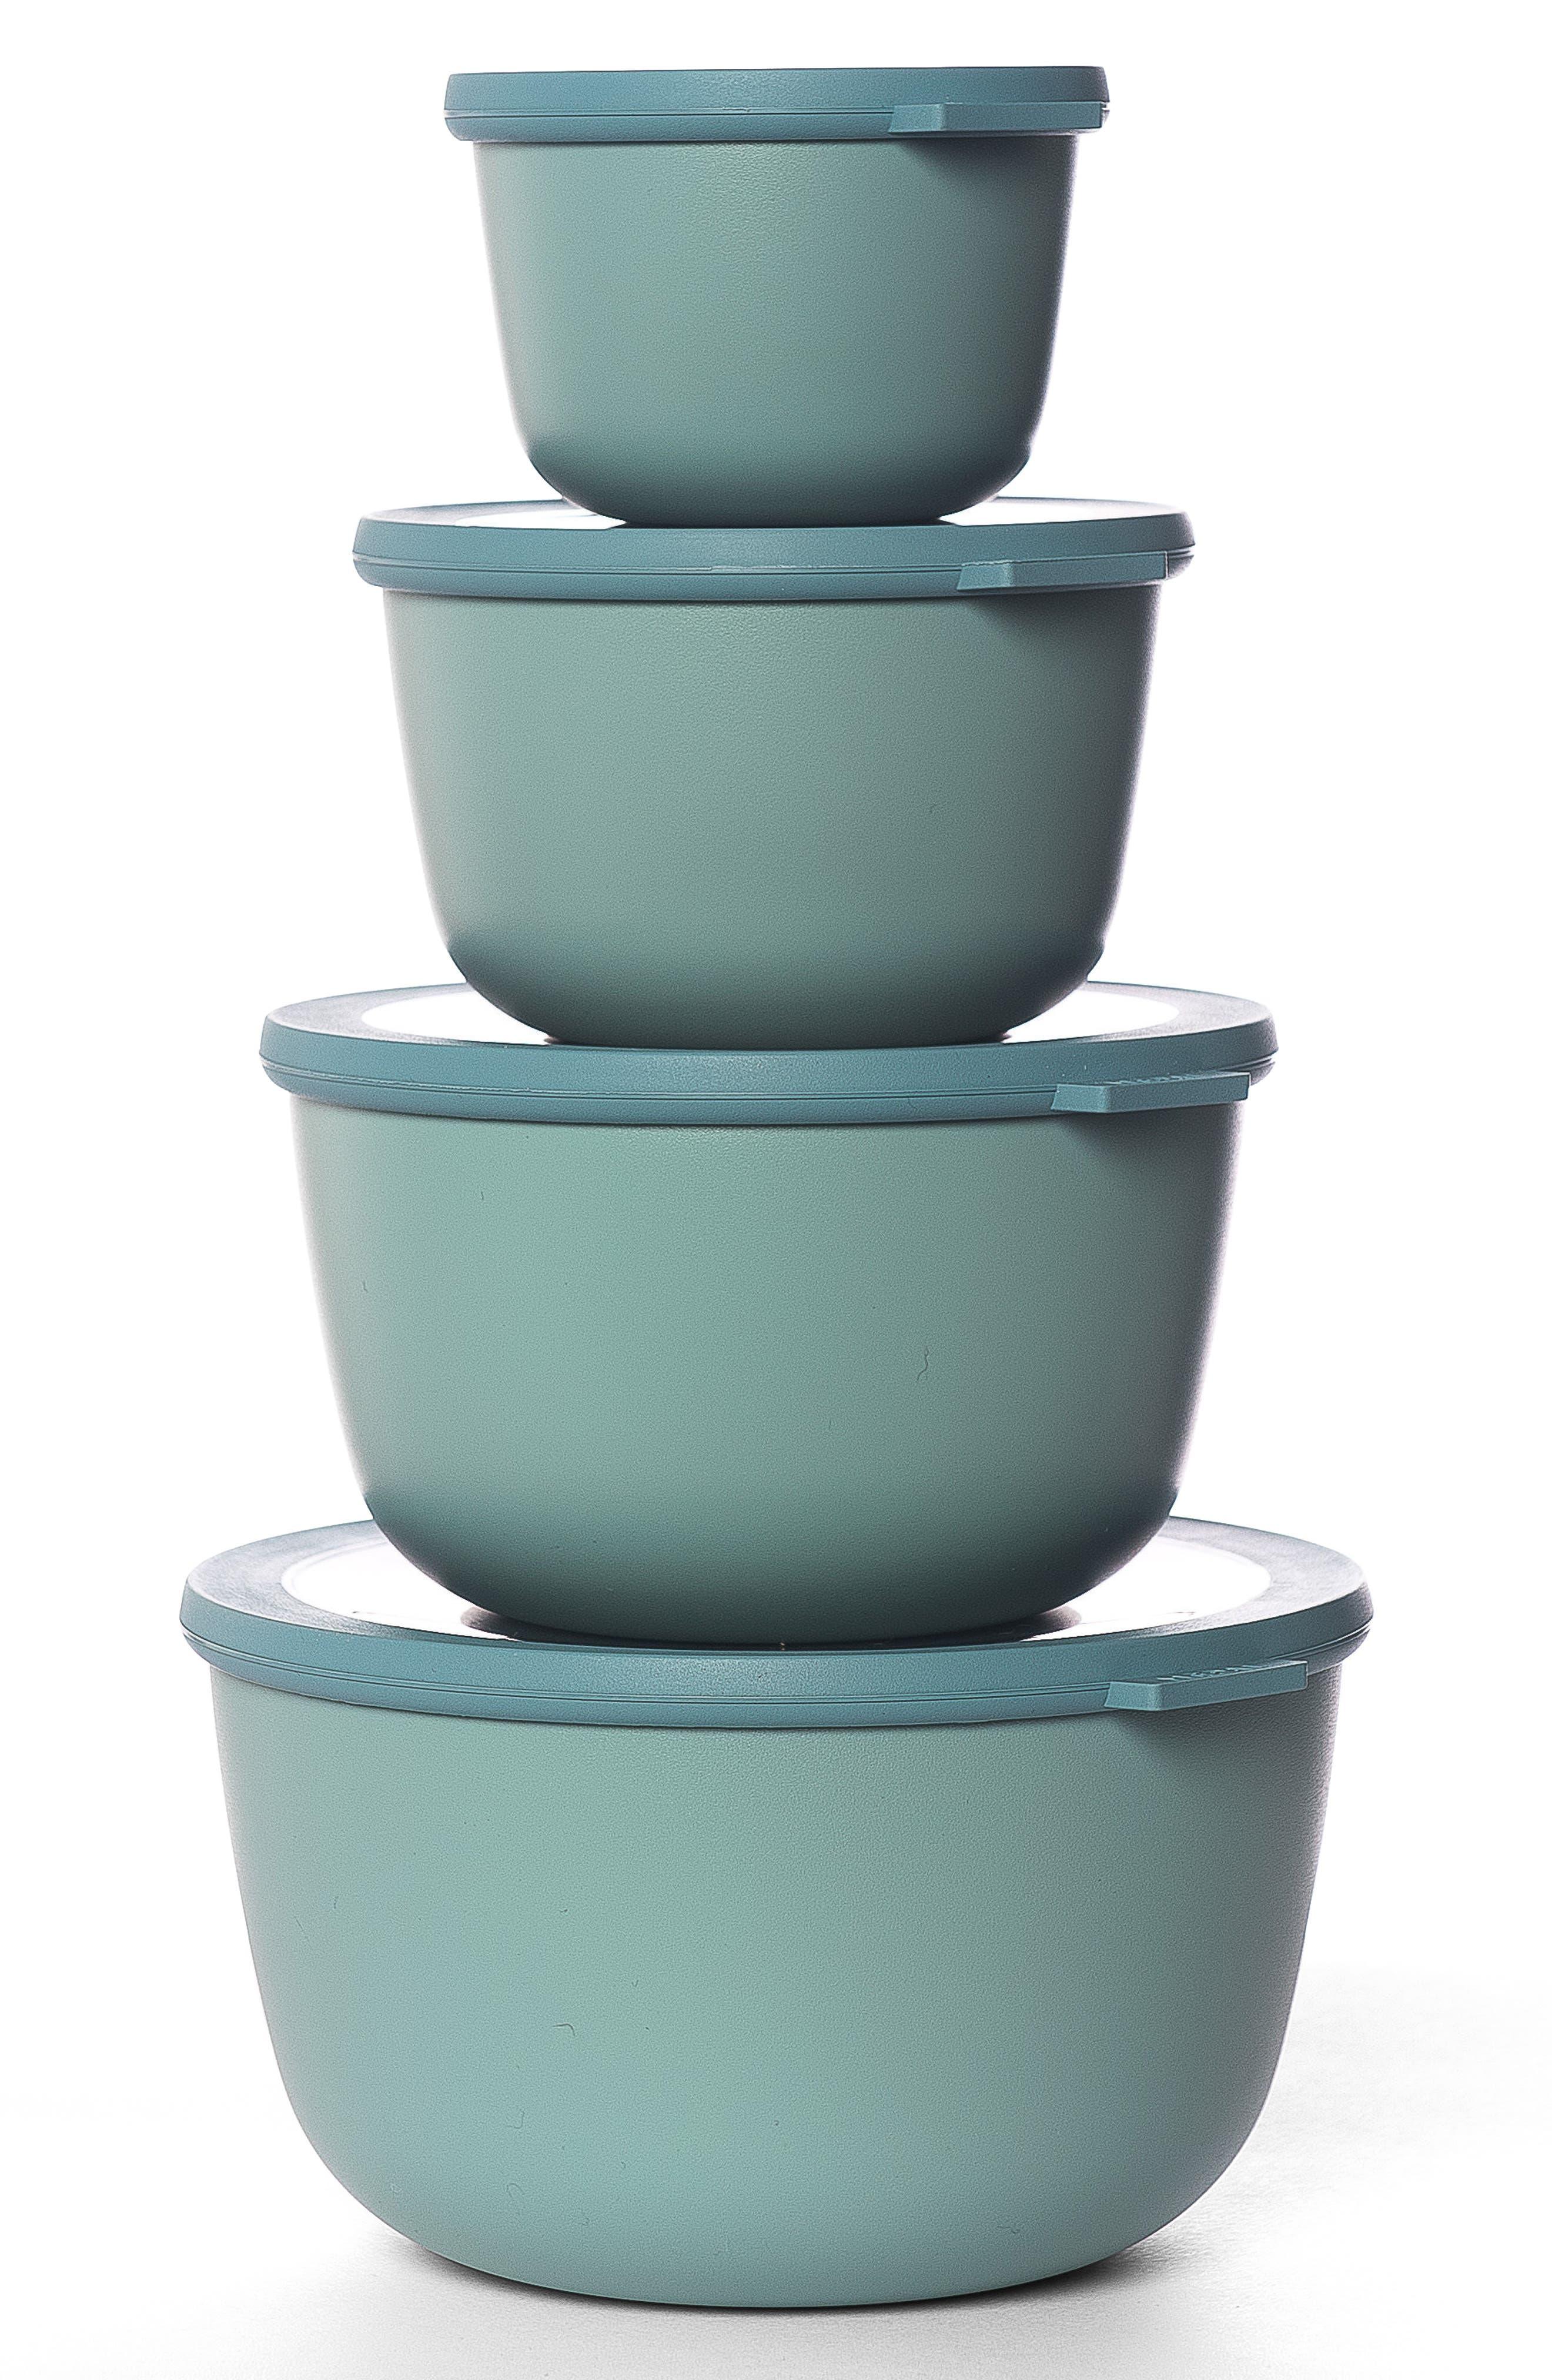 Cirqula Set of 4 Storage Bowls,                             Main thumbnail 1, color,                             Blue